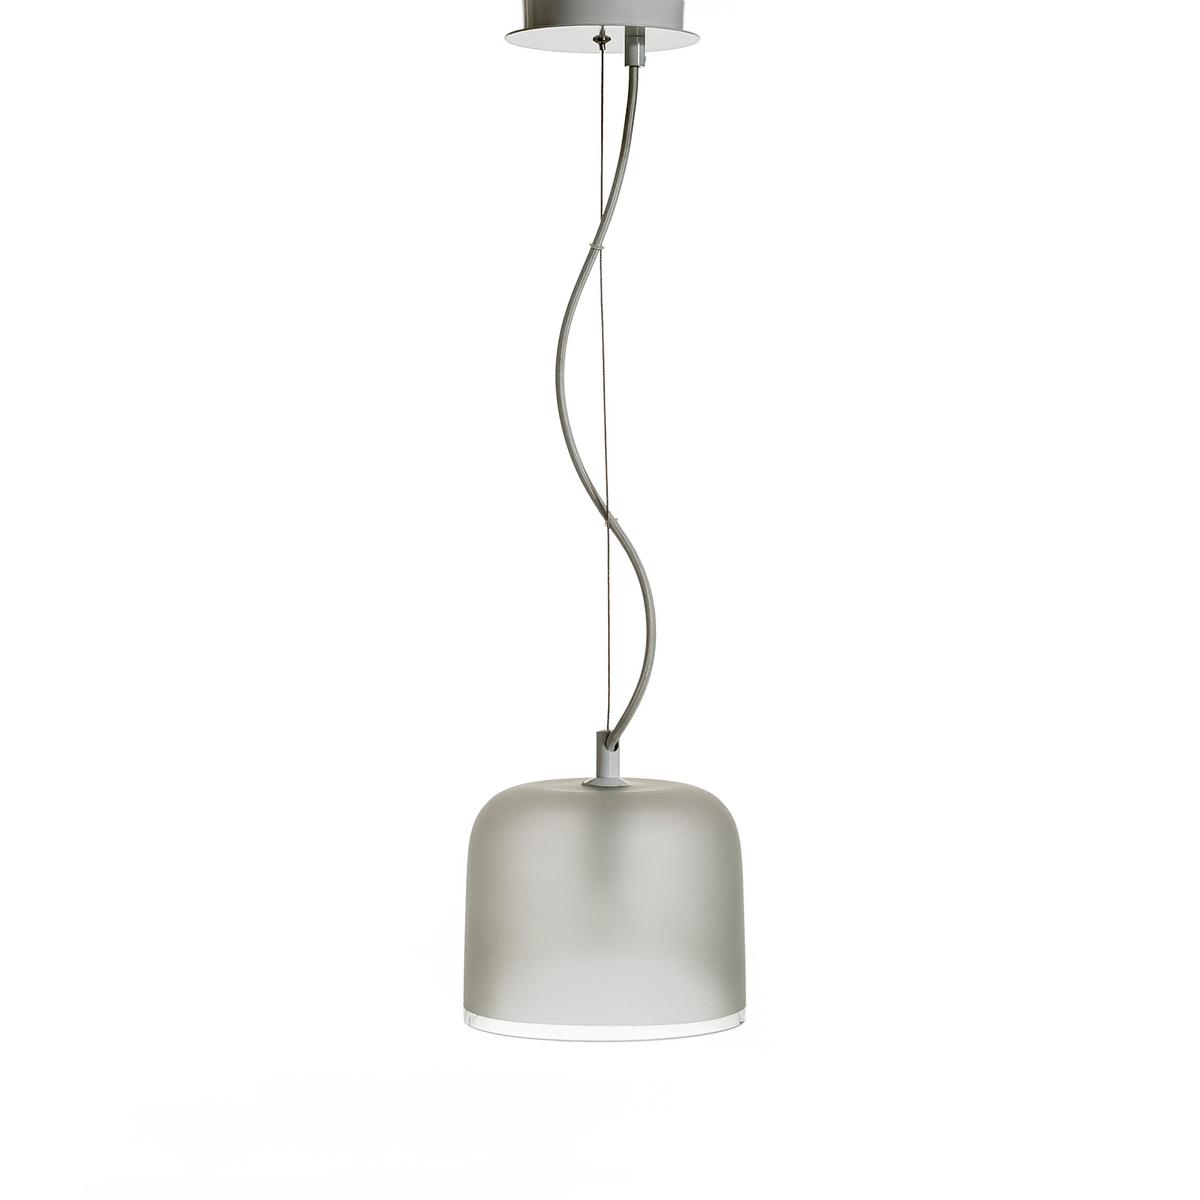 Светильник Zella с 1 абажуром, дизайн Э . ГаллиныСветильник с 1 абажуром   .Кабель из темно-серой ткани от 20 до 130 см  .Патрон E14 для лампочек макс 40W (не входят в комплект) и чаша  .Этот светильник совместим с лампочками энергетического класса A, B, C, D и E  .<br><br>Цвет: белый